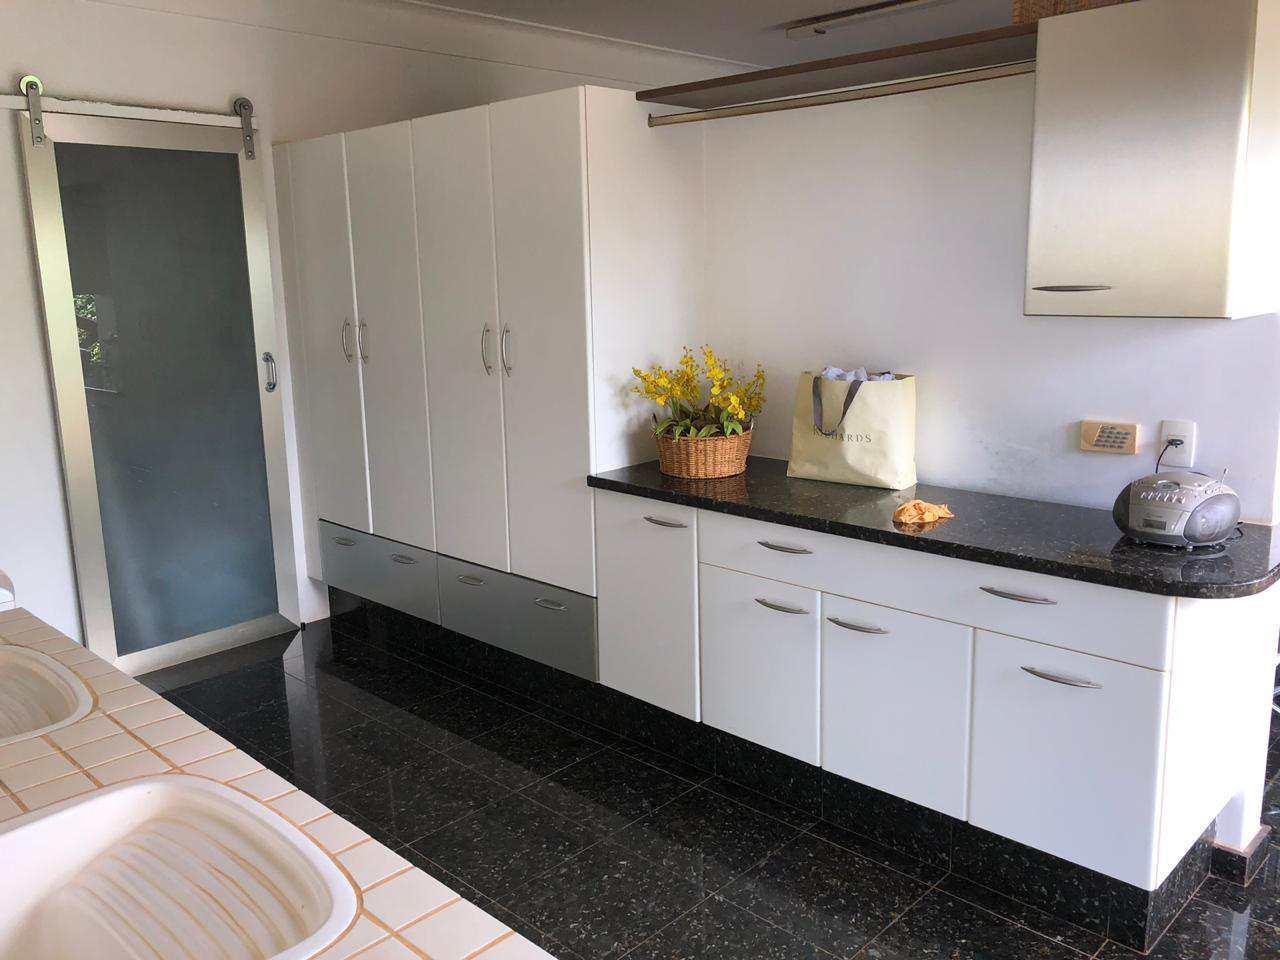 Casa com 4 dorms, Condomínio Buritis, Ribeirão Preto - R$ 2.9 mi, Cod: 1722018